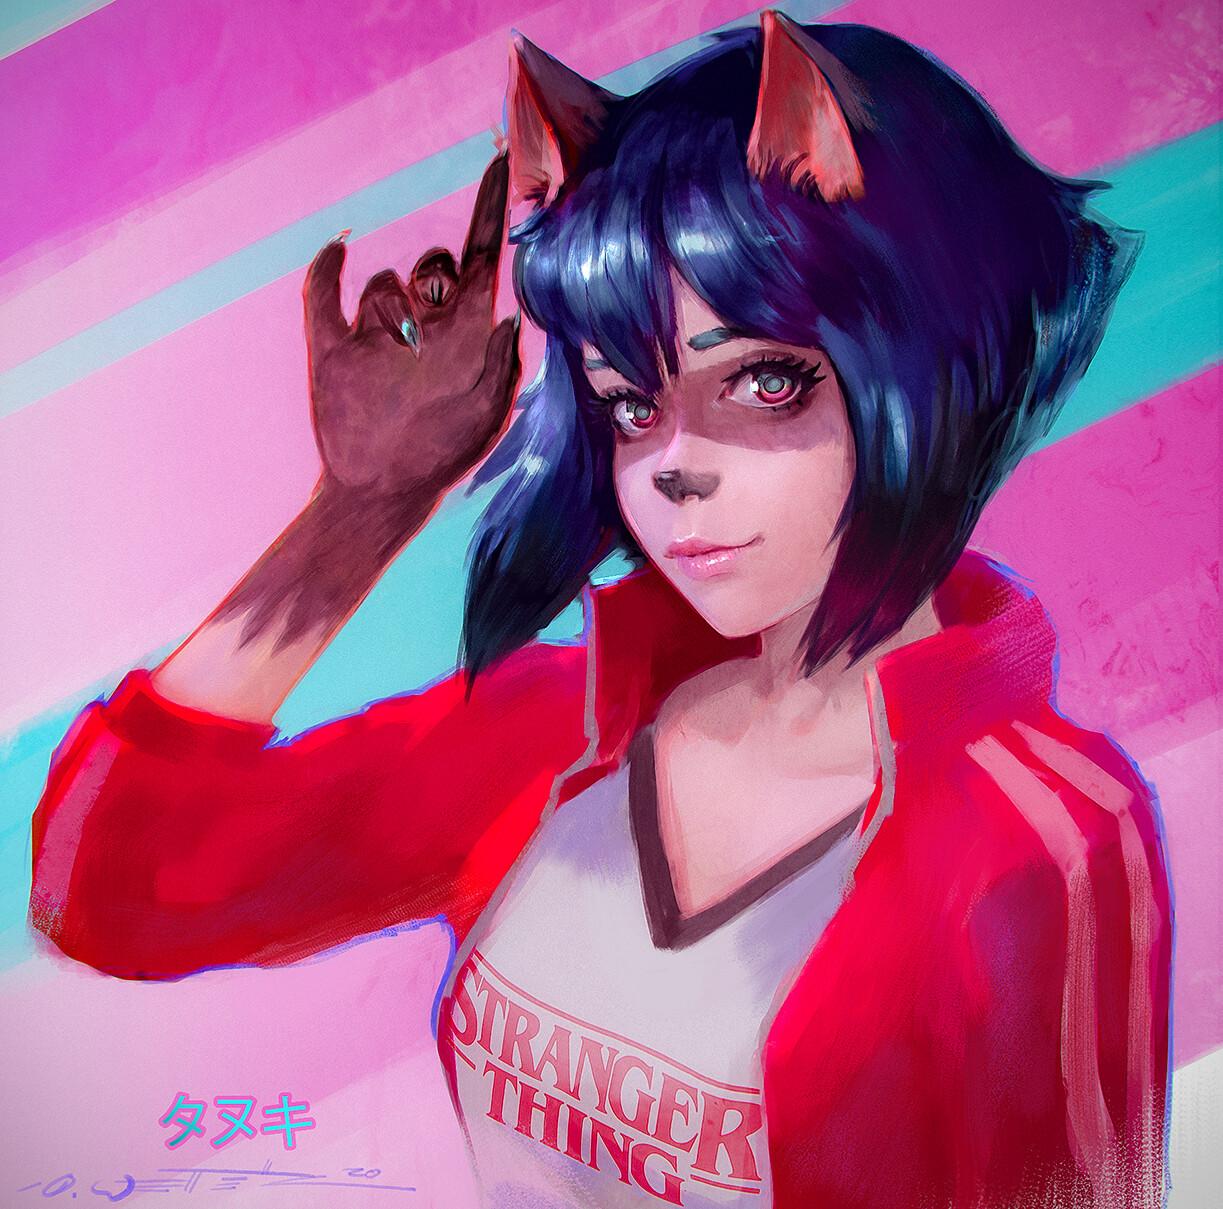 Stranger Thing - Tanuki Girl